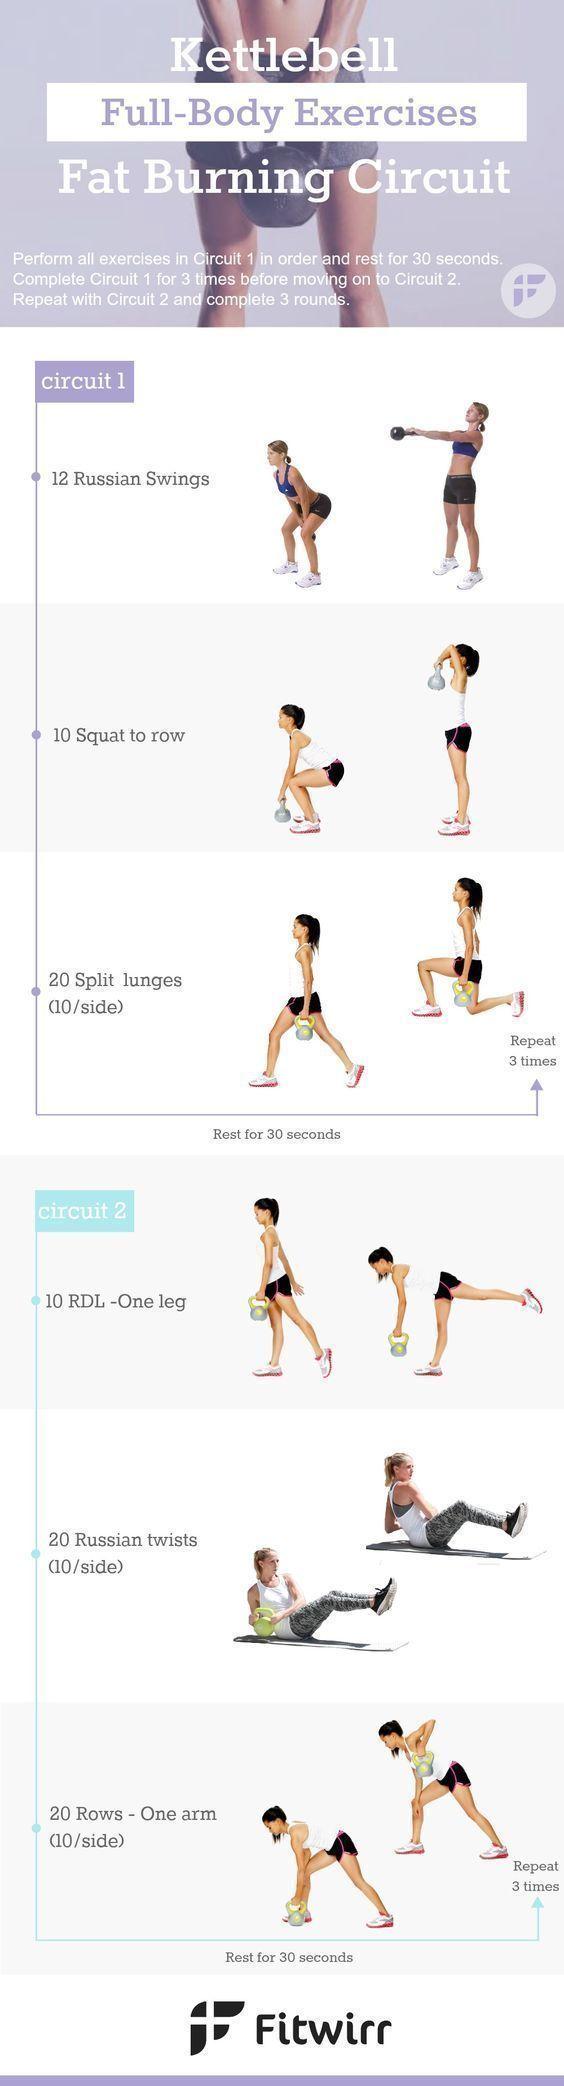 #fitness #ganzkörpertrain #Ganzkörpertraining #Gesundes #gesundheit #kettlebell #kettlebell ganzkörp...